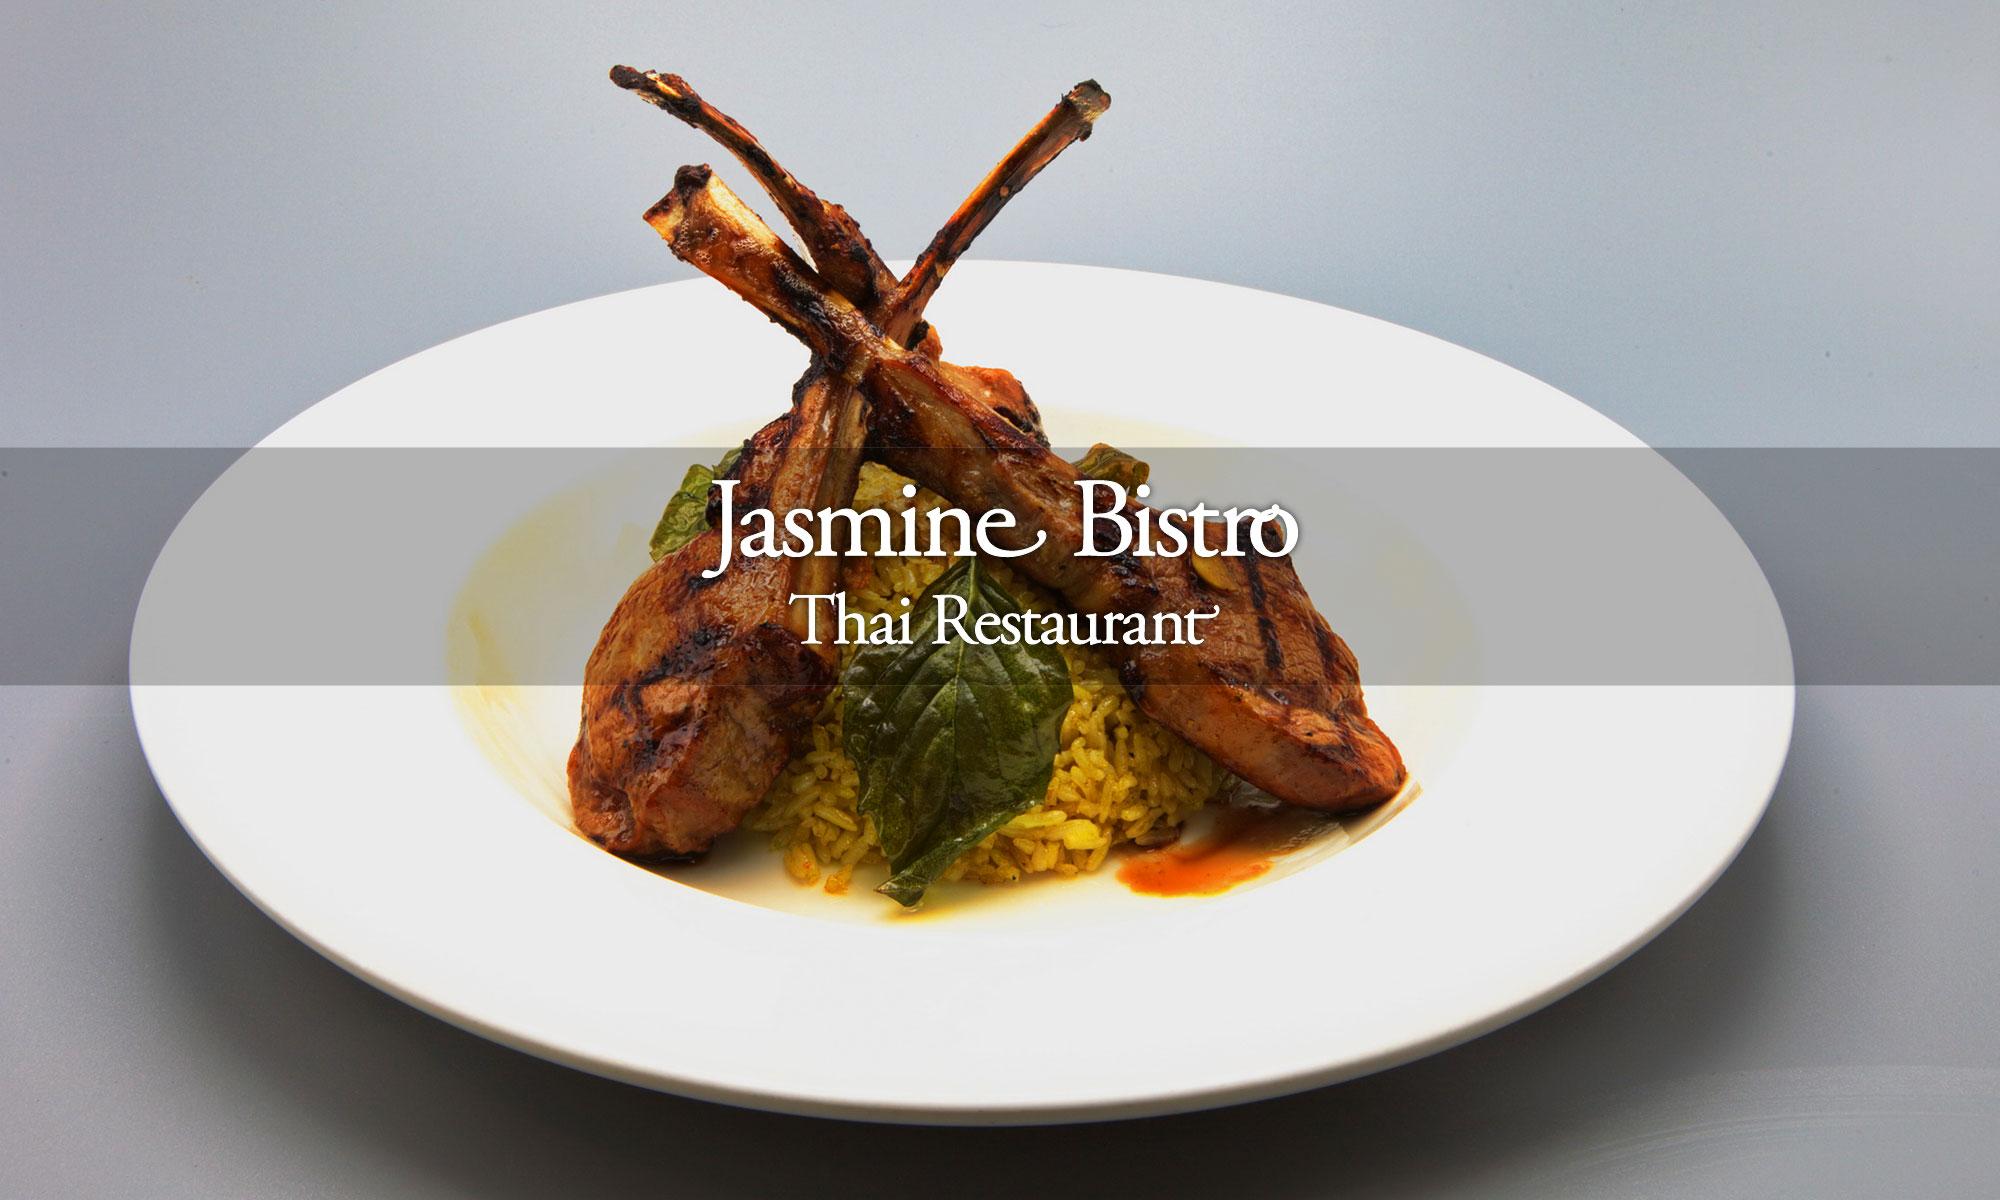 Jasmine Bistro